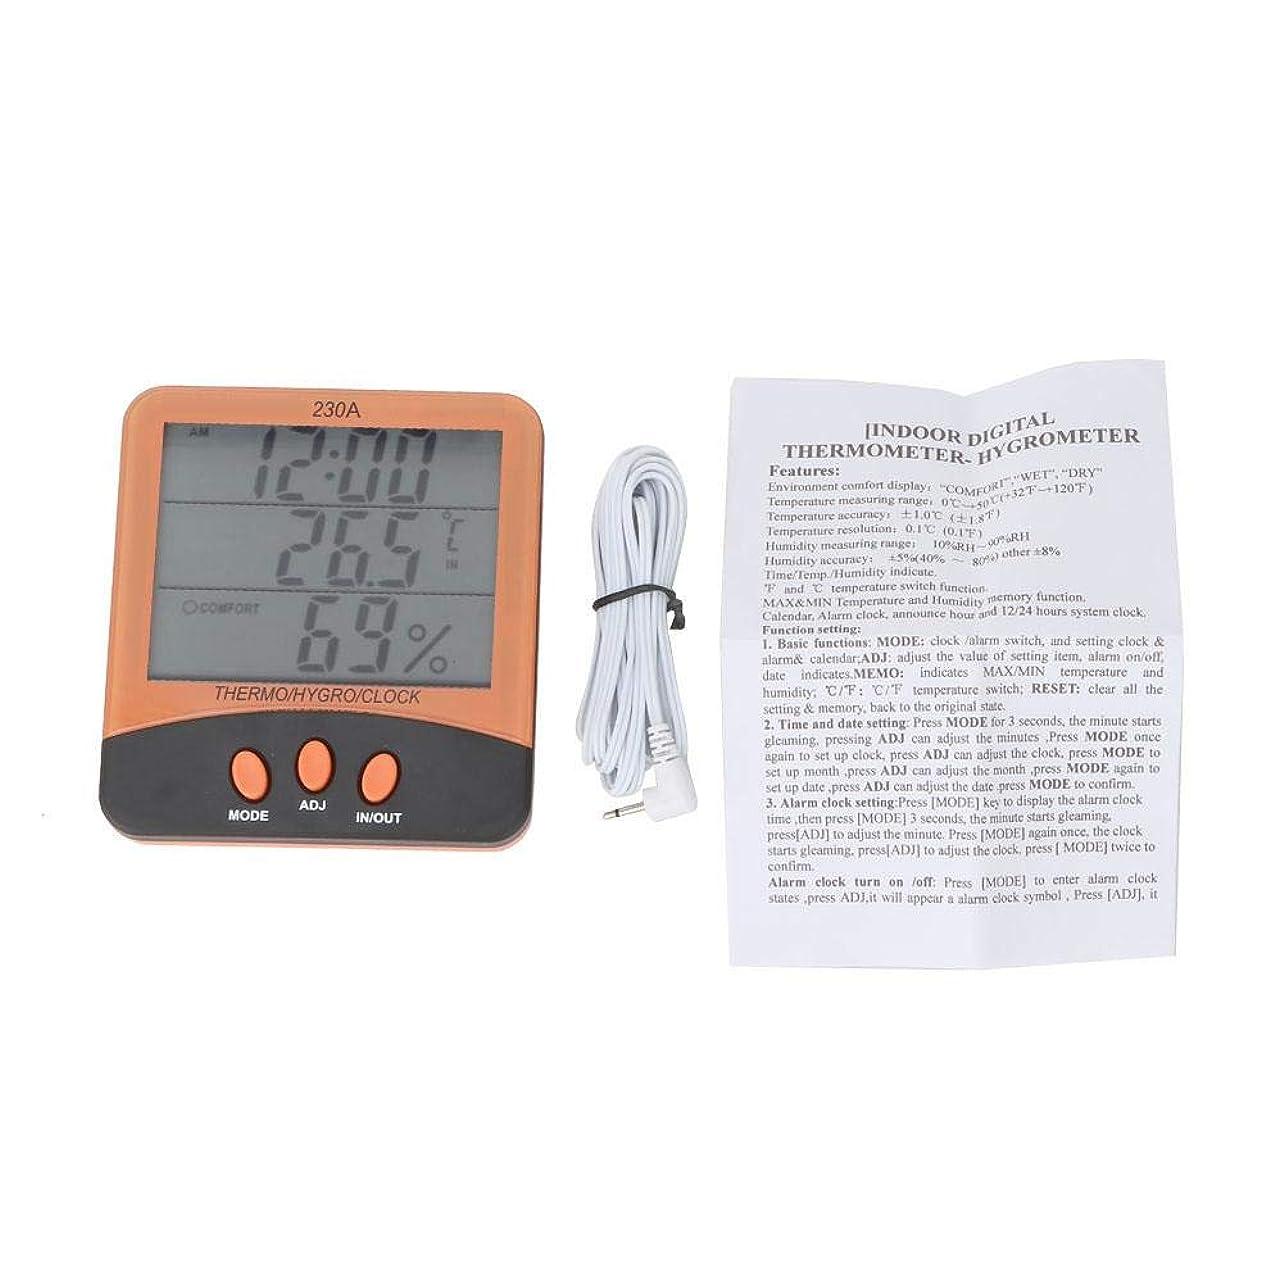 多年生案件ハイジャック温度計湿度計目覚まし時計YITENSEN VC230A屋内屋外℃/℉温度計デジタルLCD湿度計ゲージメーター